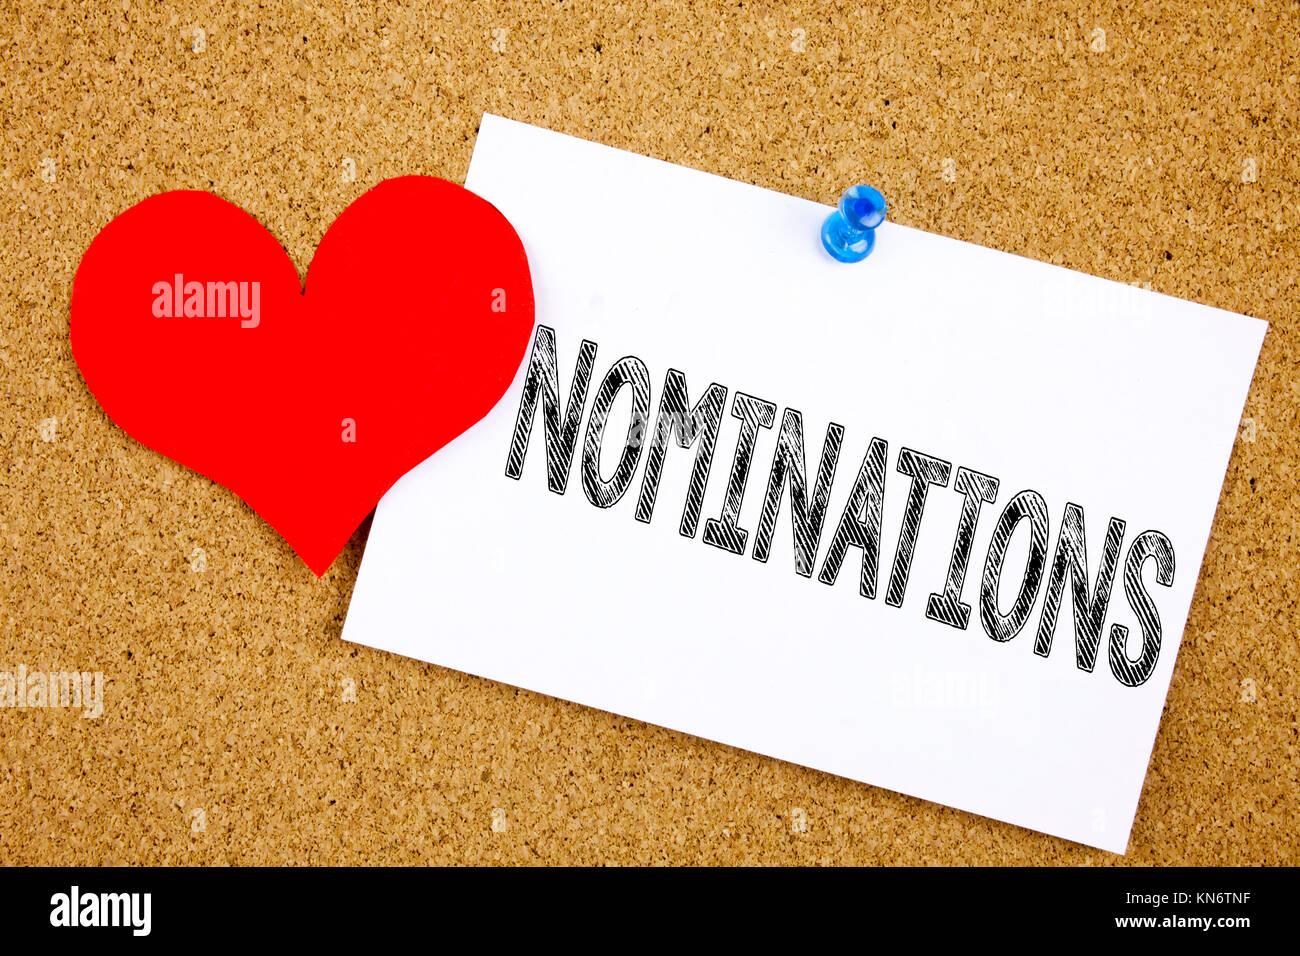 Writing Award Nominations